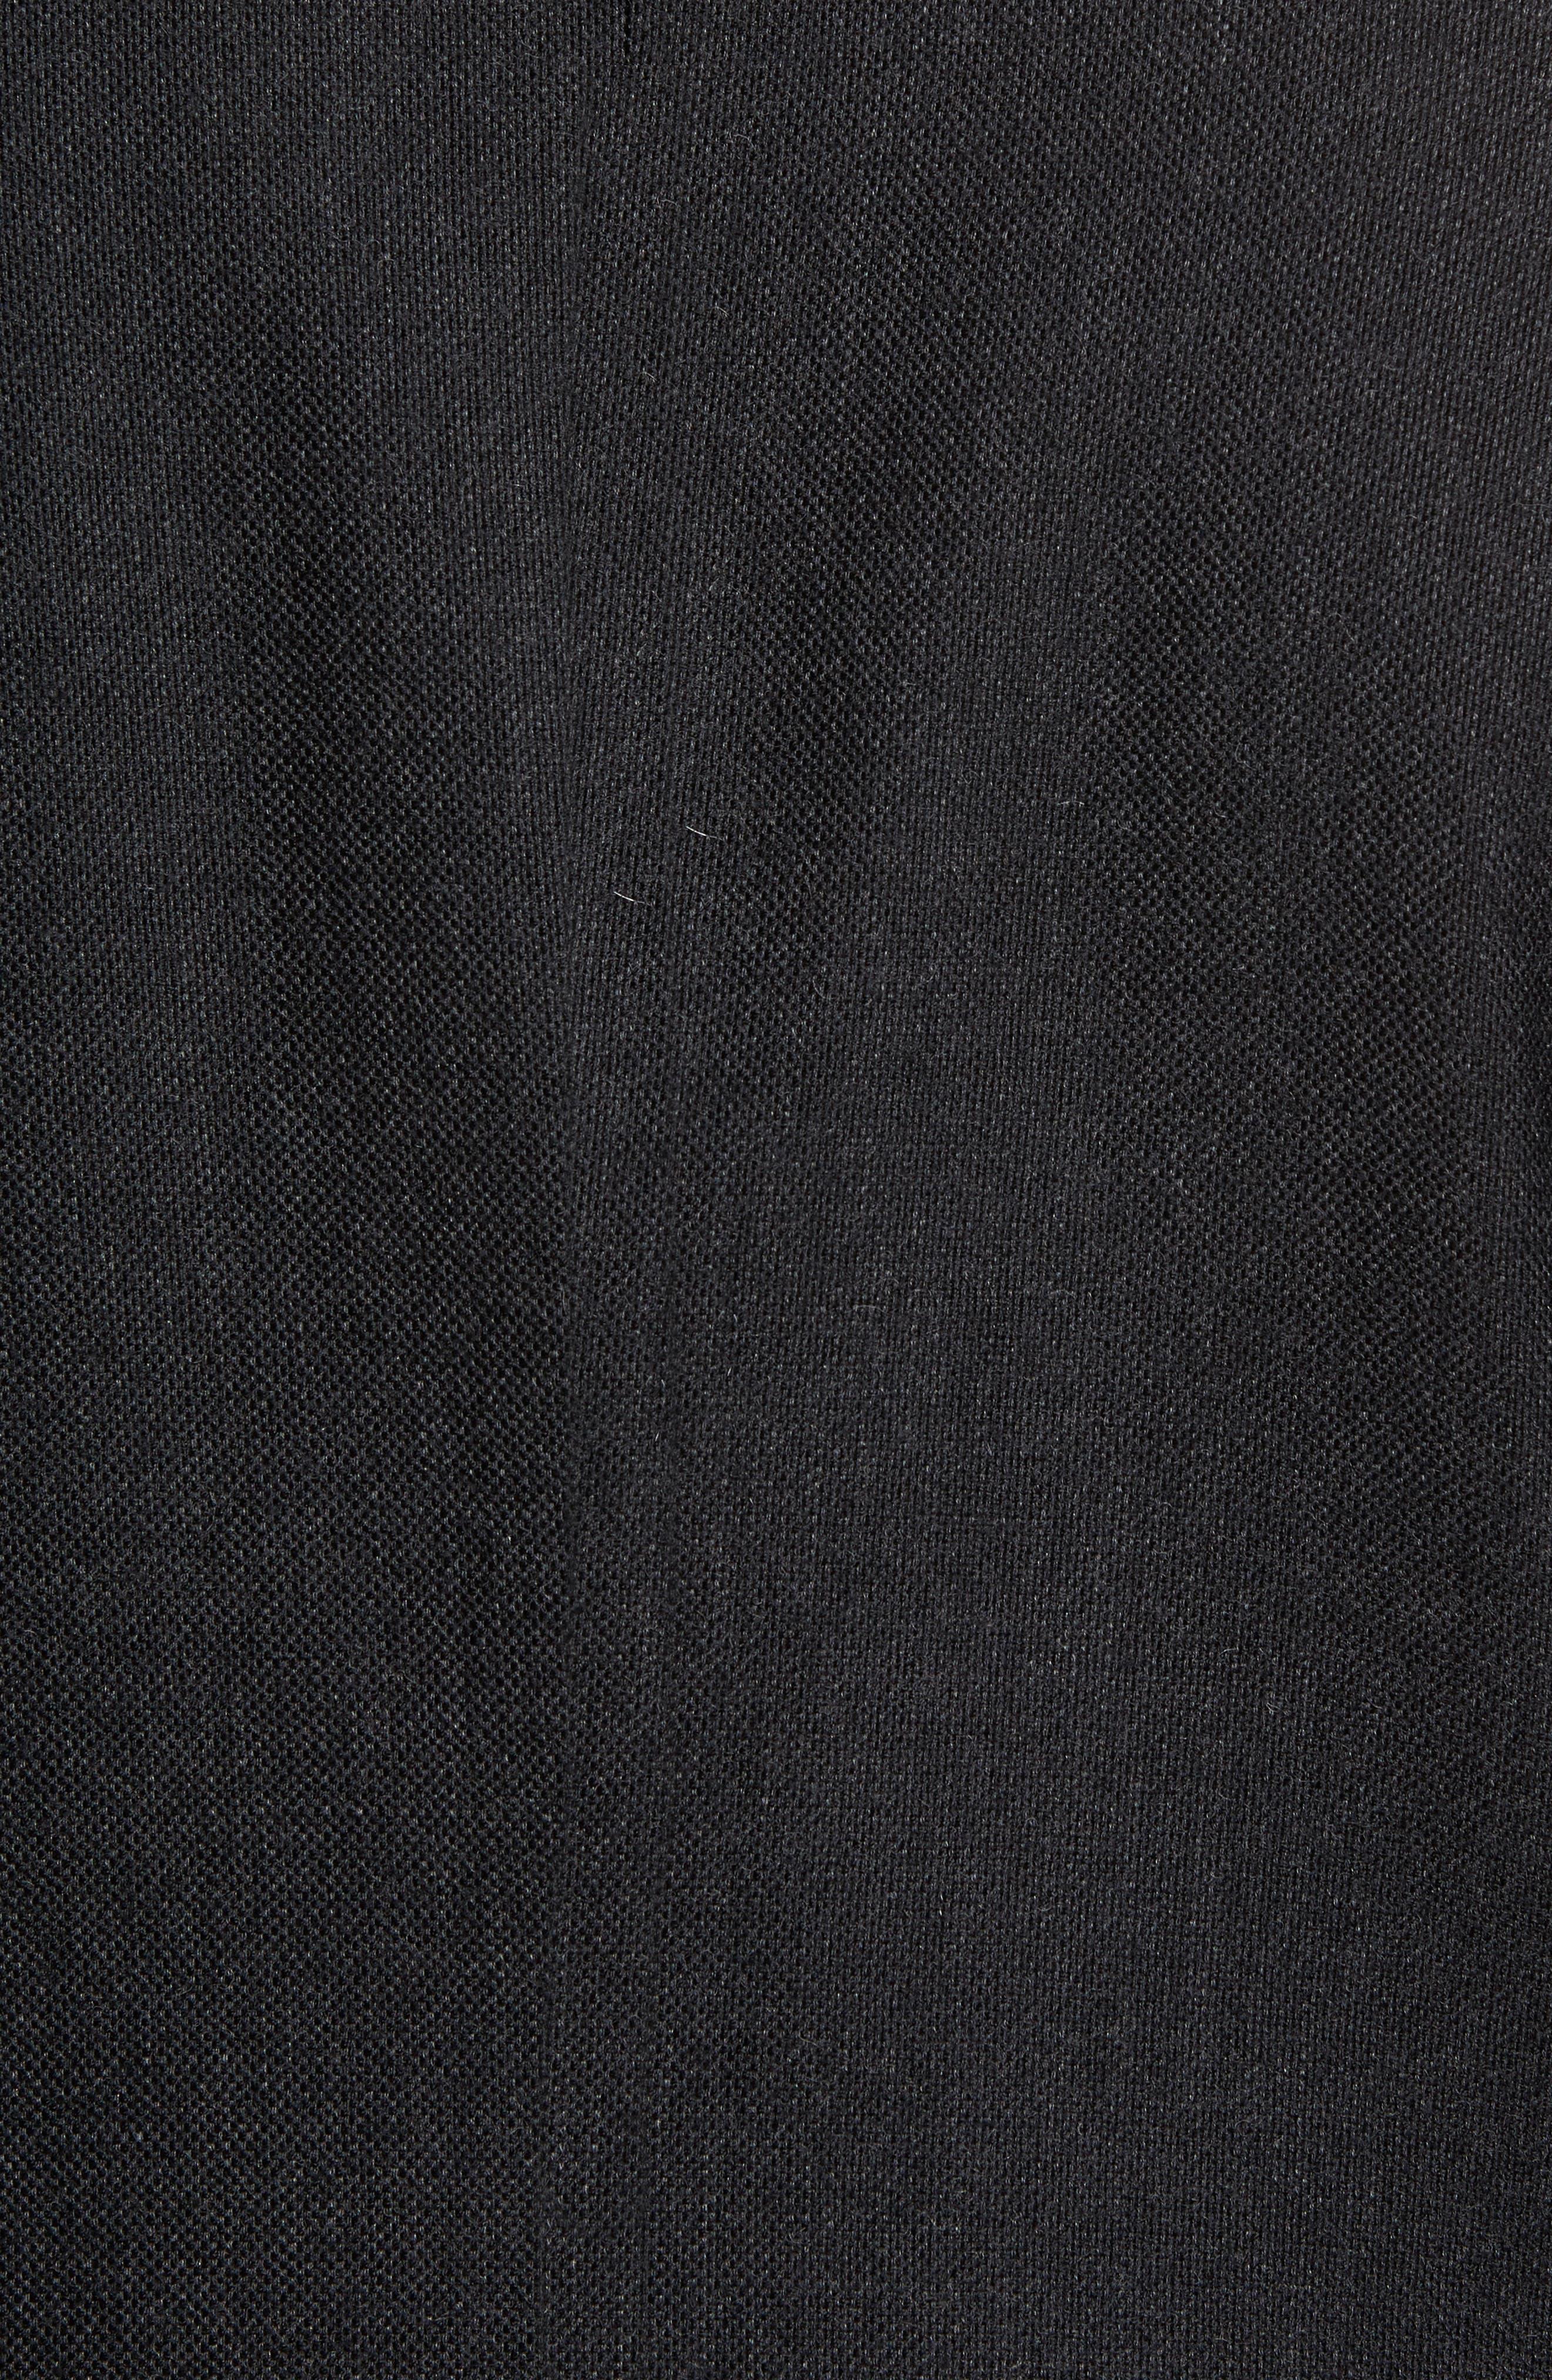 Alternate Image 5  - Rodd & Gunn Slingsby Virgin Wool Sport Coat